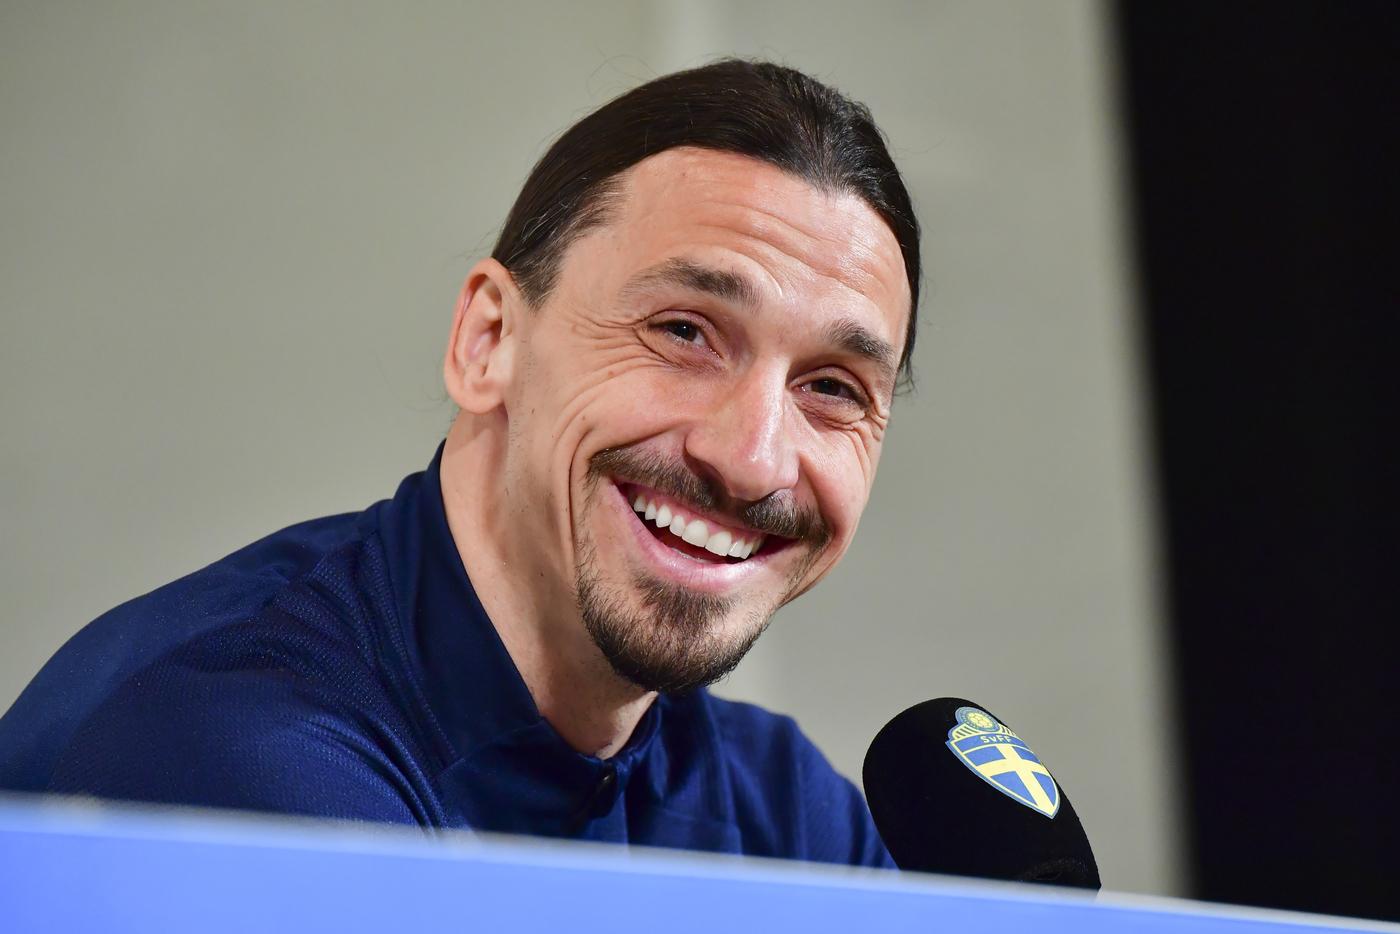 Nazionale Svezia, conferenza stampa di Zlatan Ibrahimovic a Stoccolma